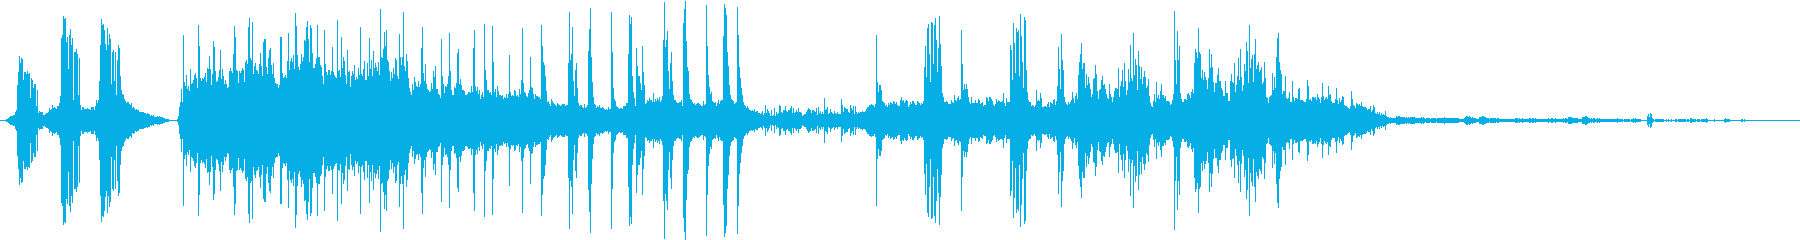 心も身体も癒されるリラクゼーション音の再生済みの波形